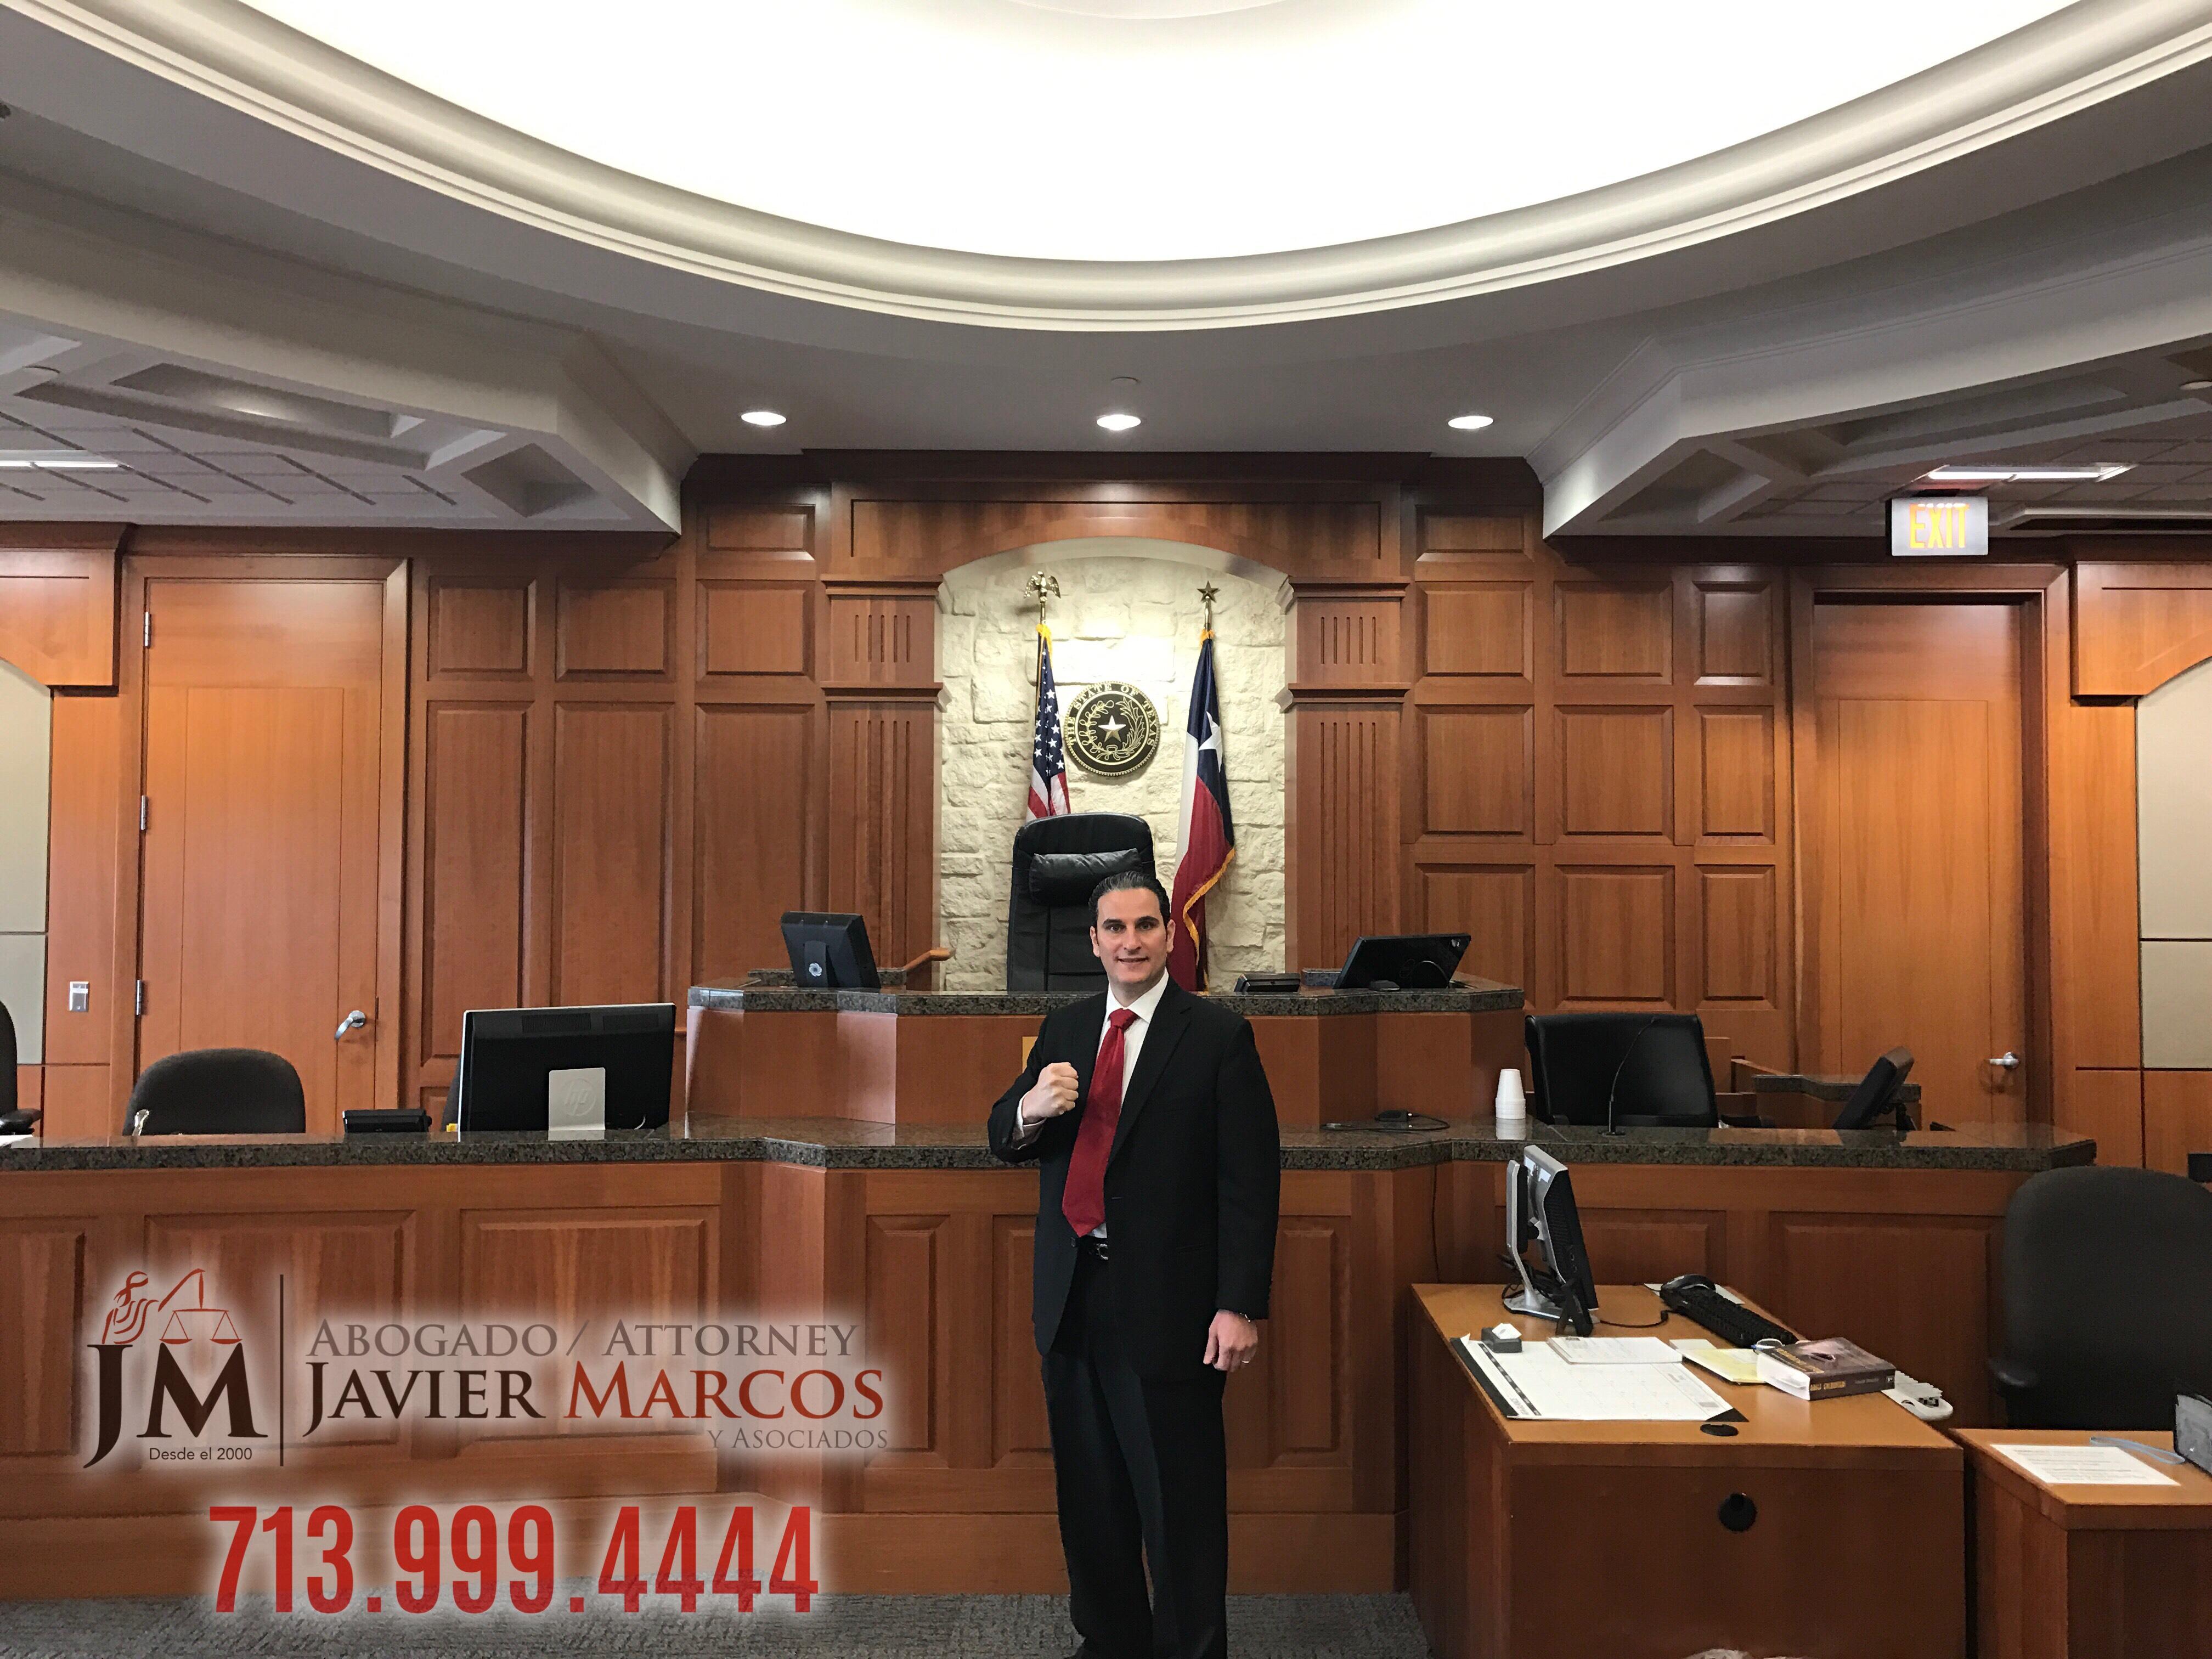 Spanish speaking attorney   Attorney Javier Marcos 713.999.4444